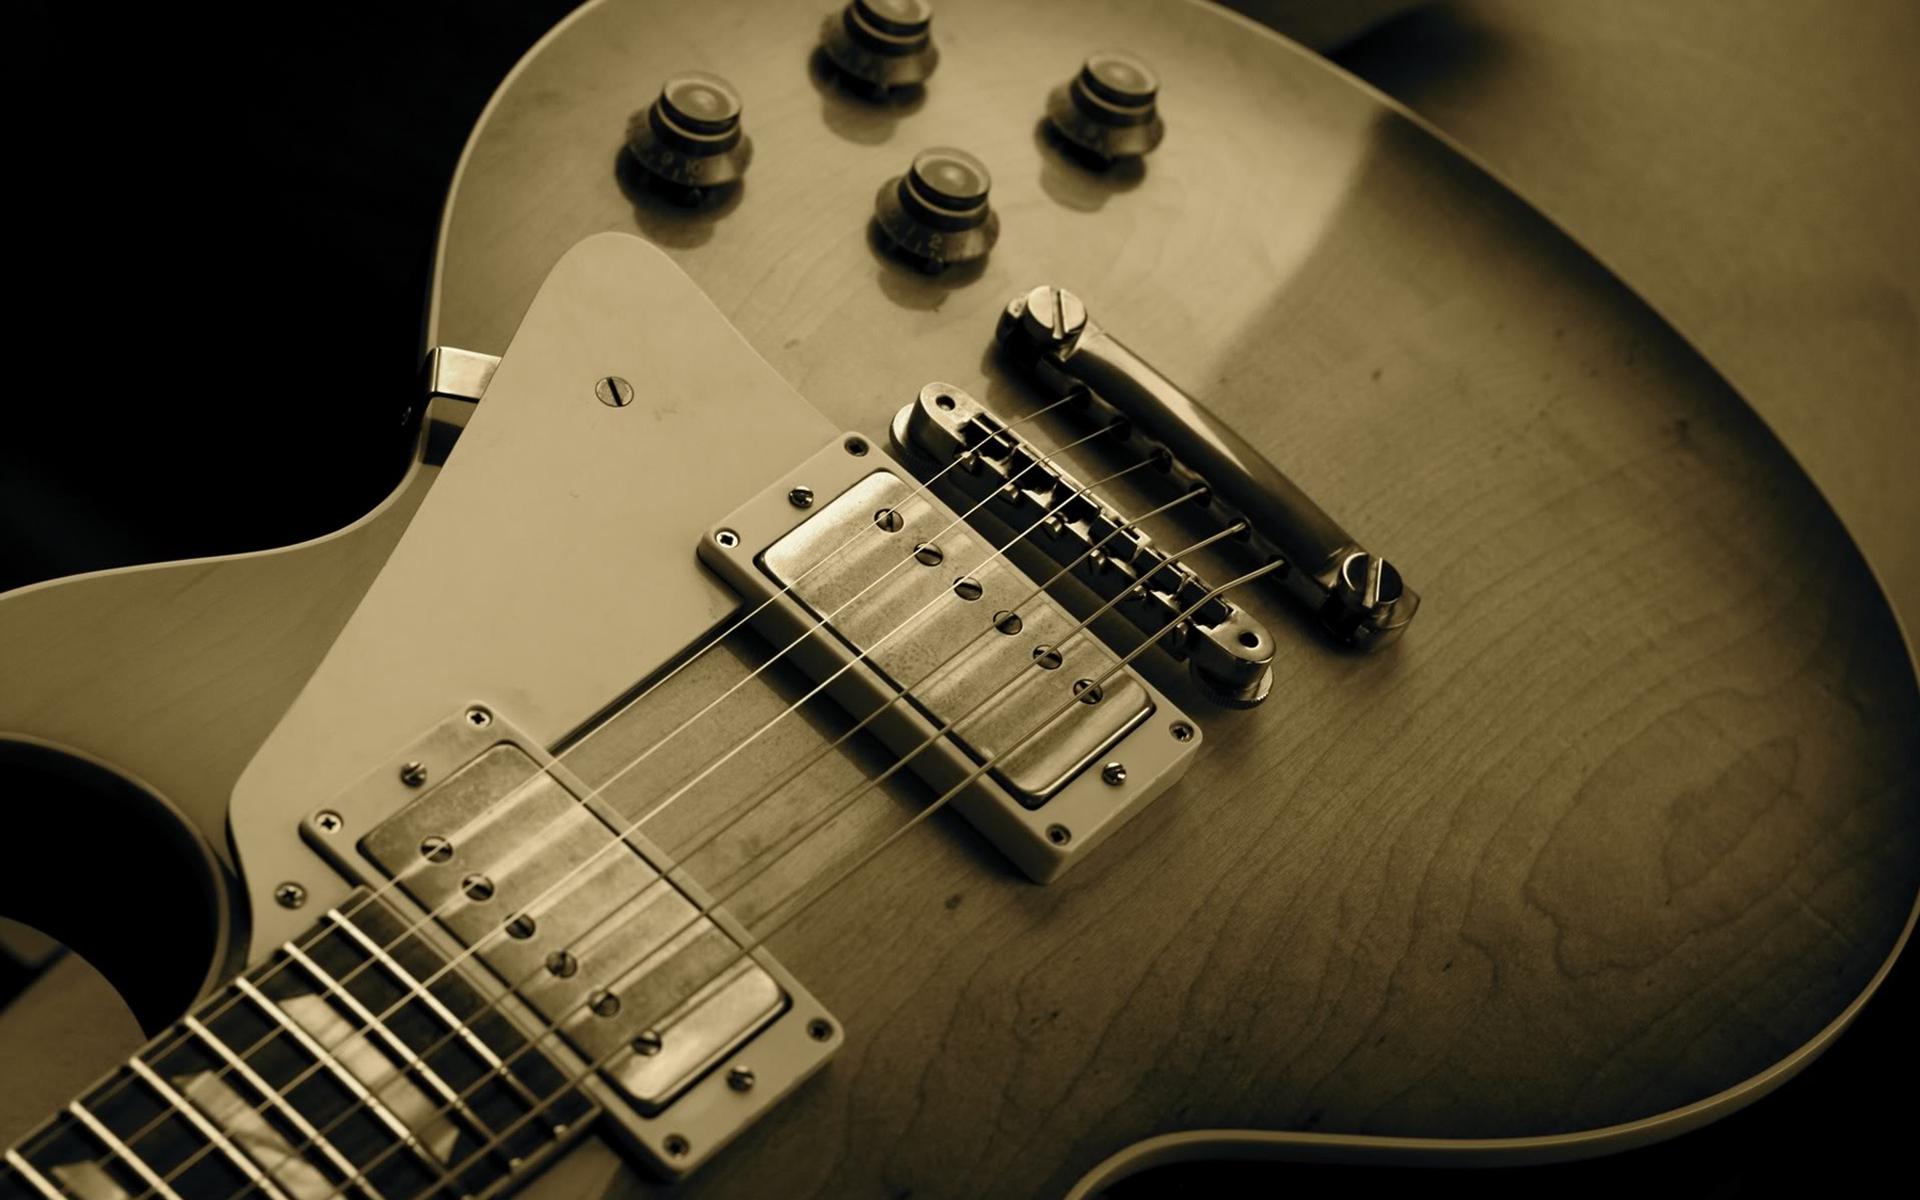 guitar wallpapers for desktop wallpapersafari